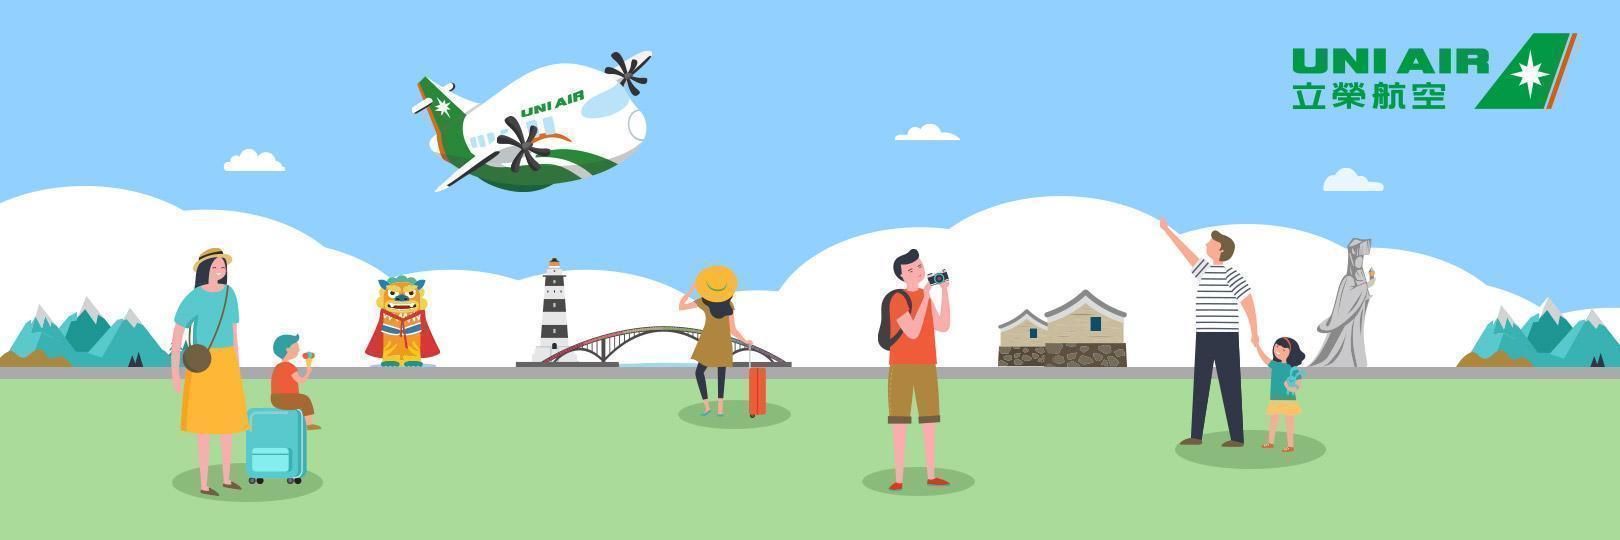 搭立榮刷台新 月月抽好禮 FlyGo卡再享最高6%回饋